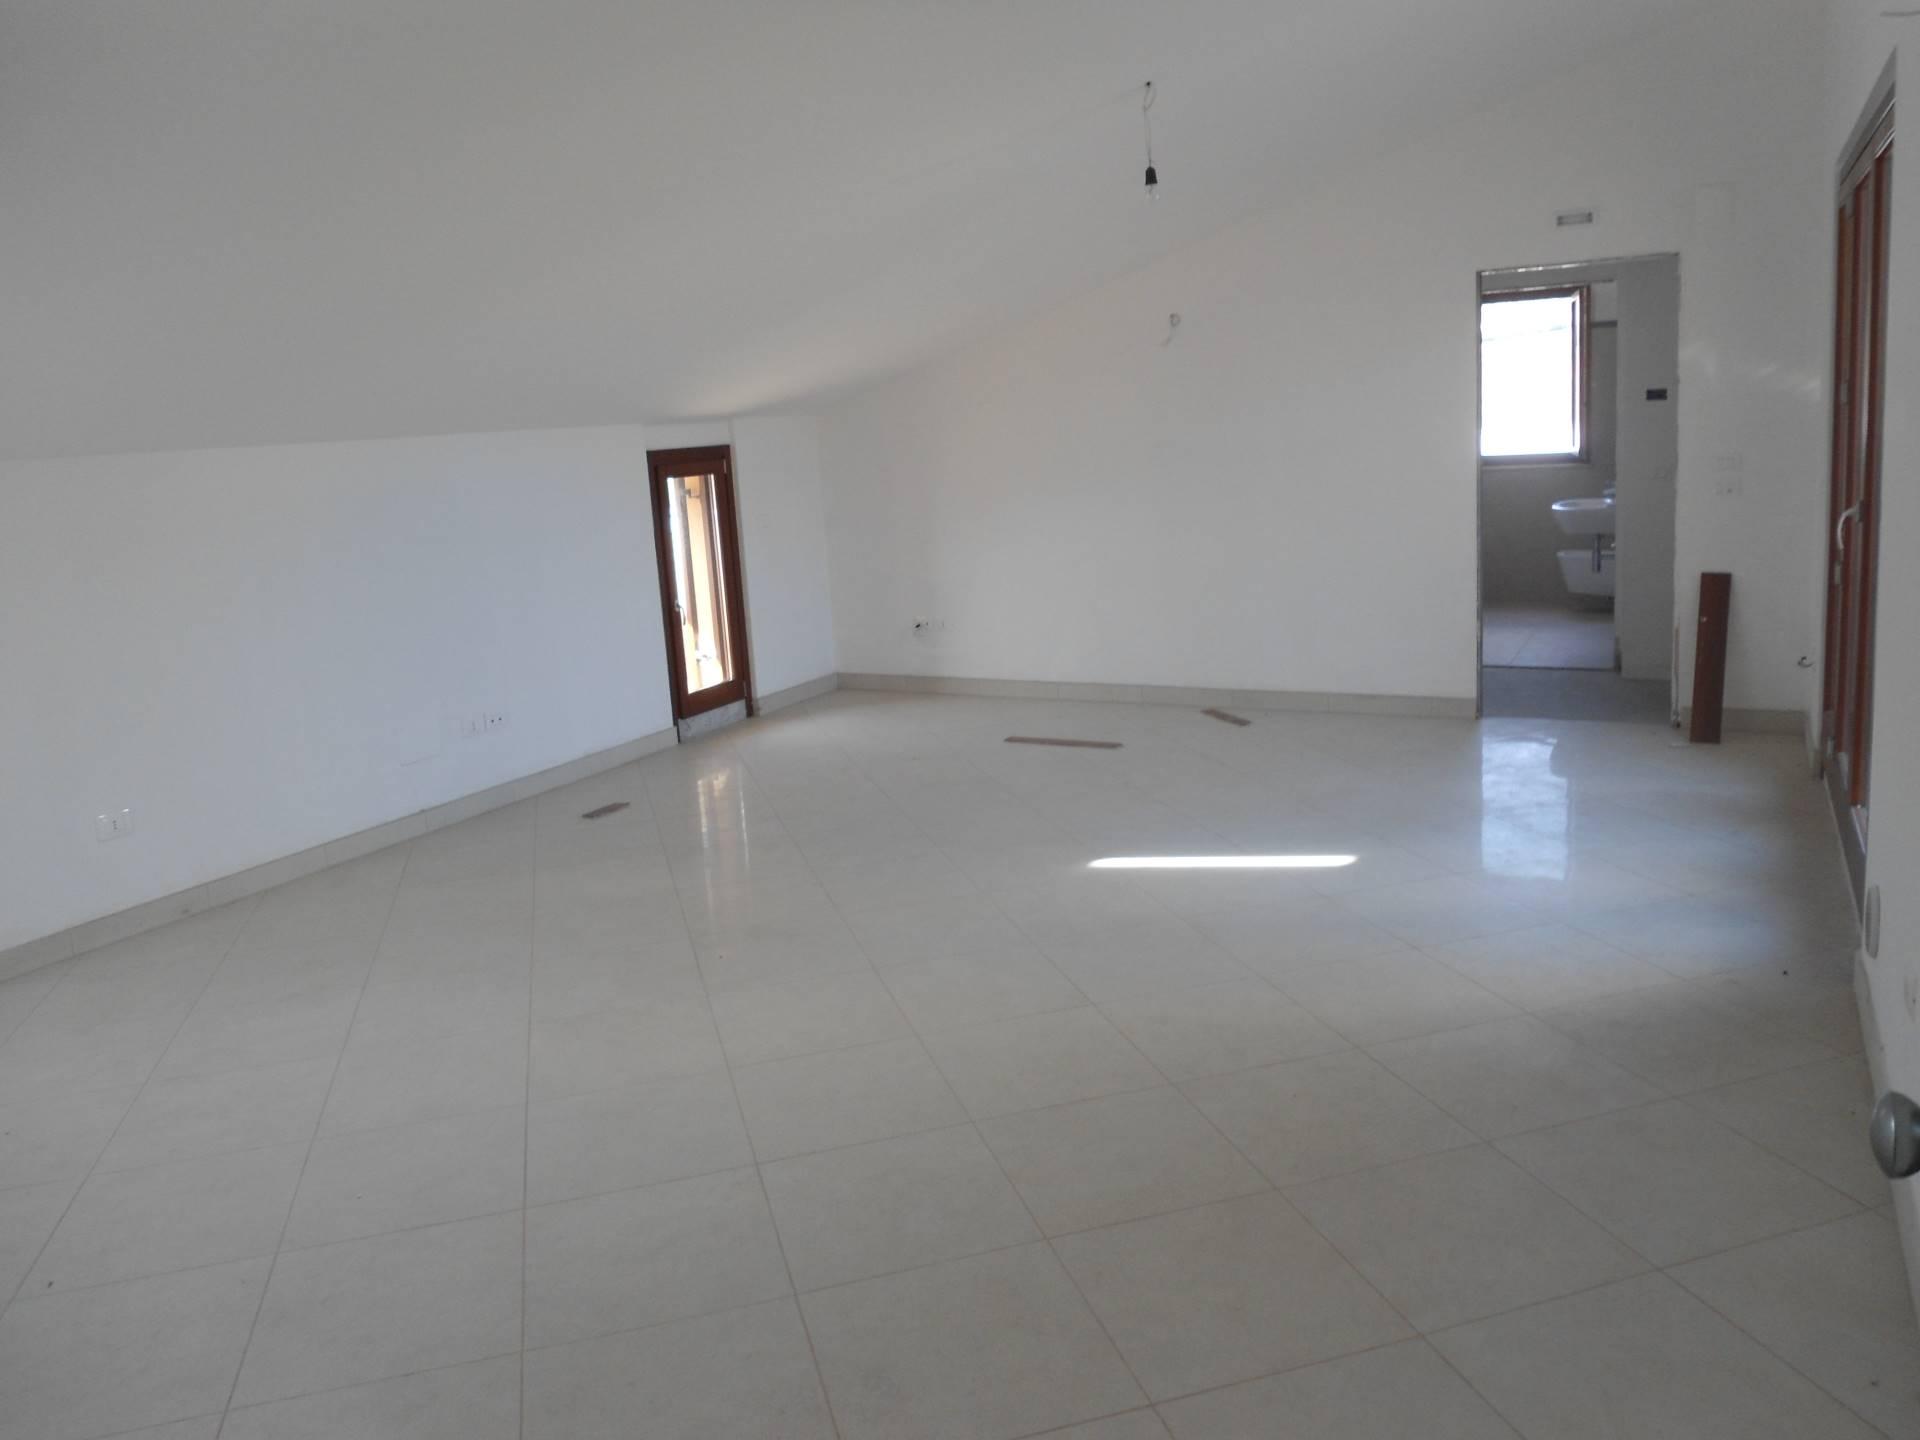 Attico / Mansarda in vendita a San Benedetto del Tronto, 4 locali, zona Località: PortodAscoli, prezzo € 220.000 | Cambio Casa.it